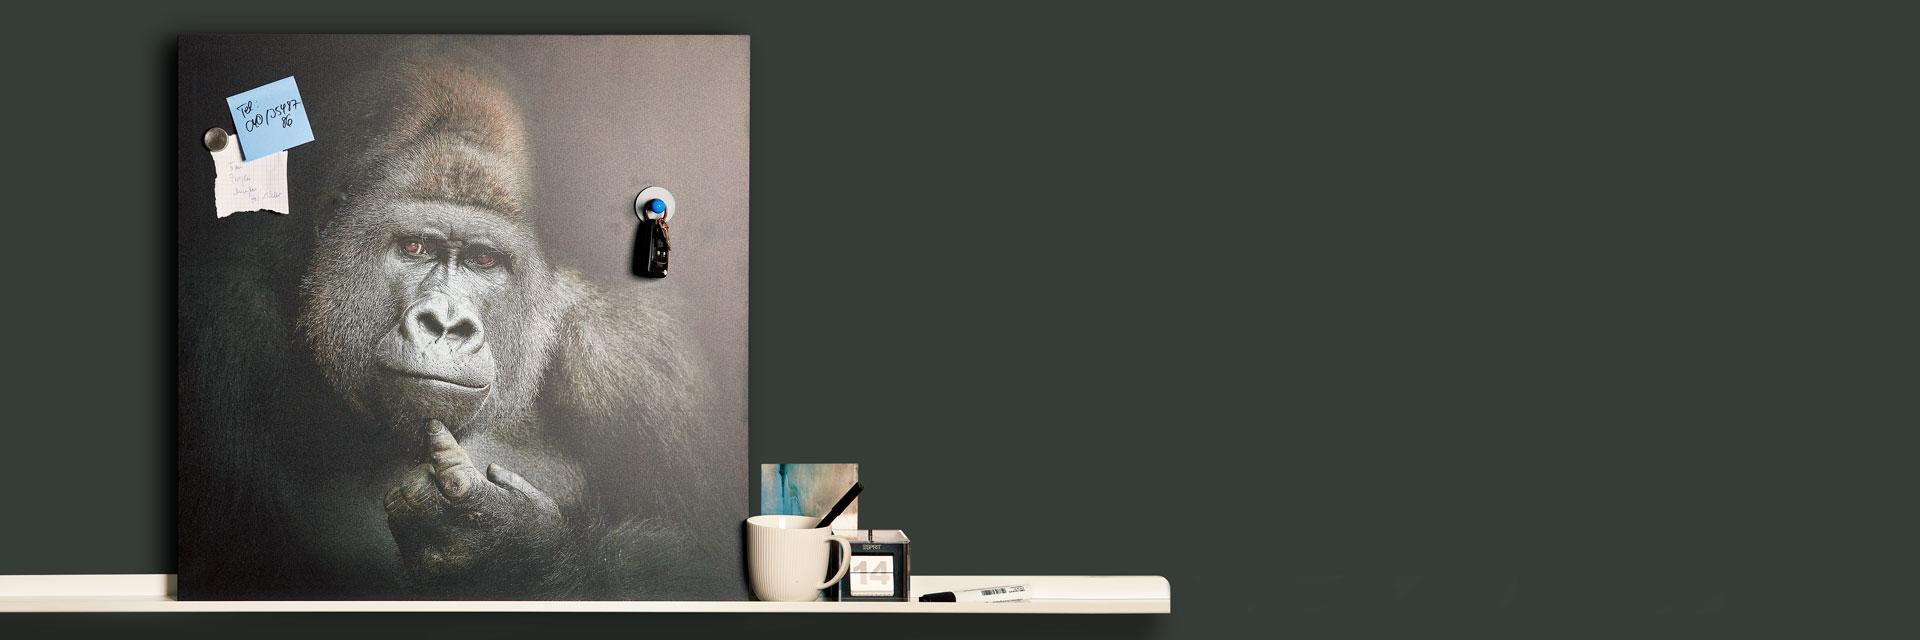 Full Size of Magnetwand Küche Magnetbilder Knstlerisch Beduckte Magnettafeln Von Kunstkopiede Vinylboden Modulküche Ikea Tapeten Für Günstige Mit E Geräten Wohnzimmer Magnetwand Küche